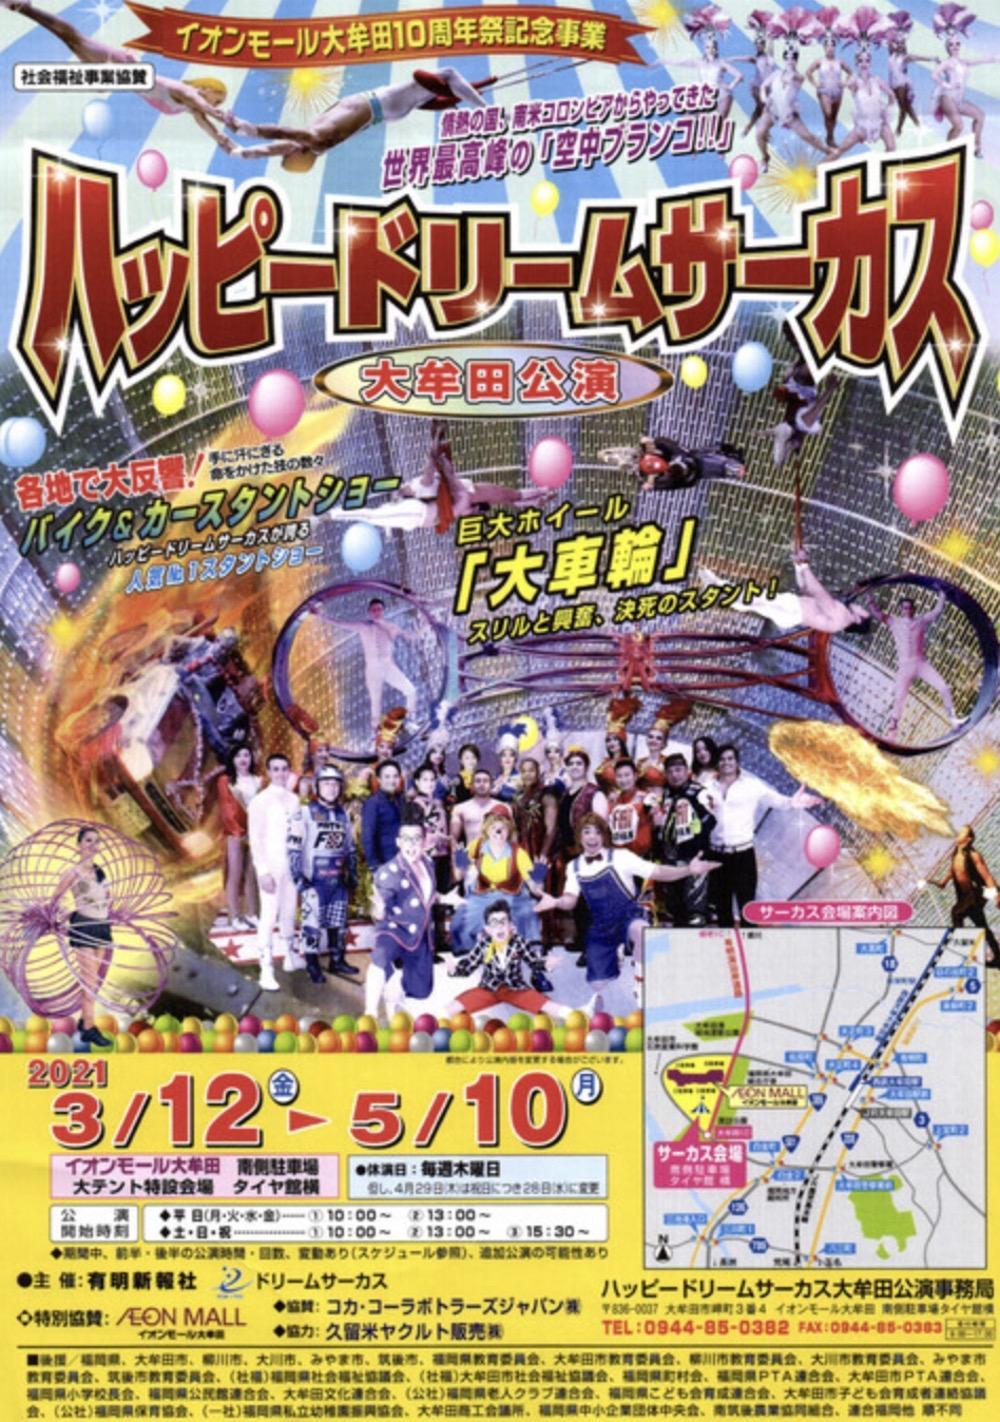 ハッピードリームサーカス大牟田公演 空中ブランコやバイク&カースタントショー